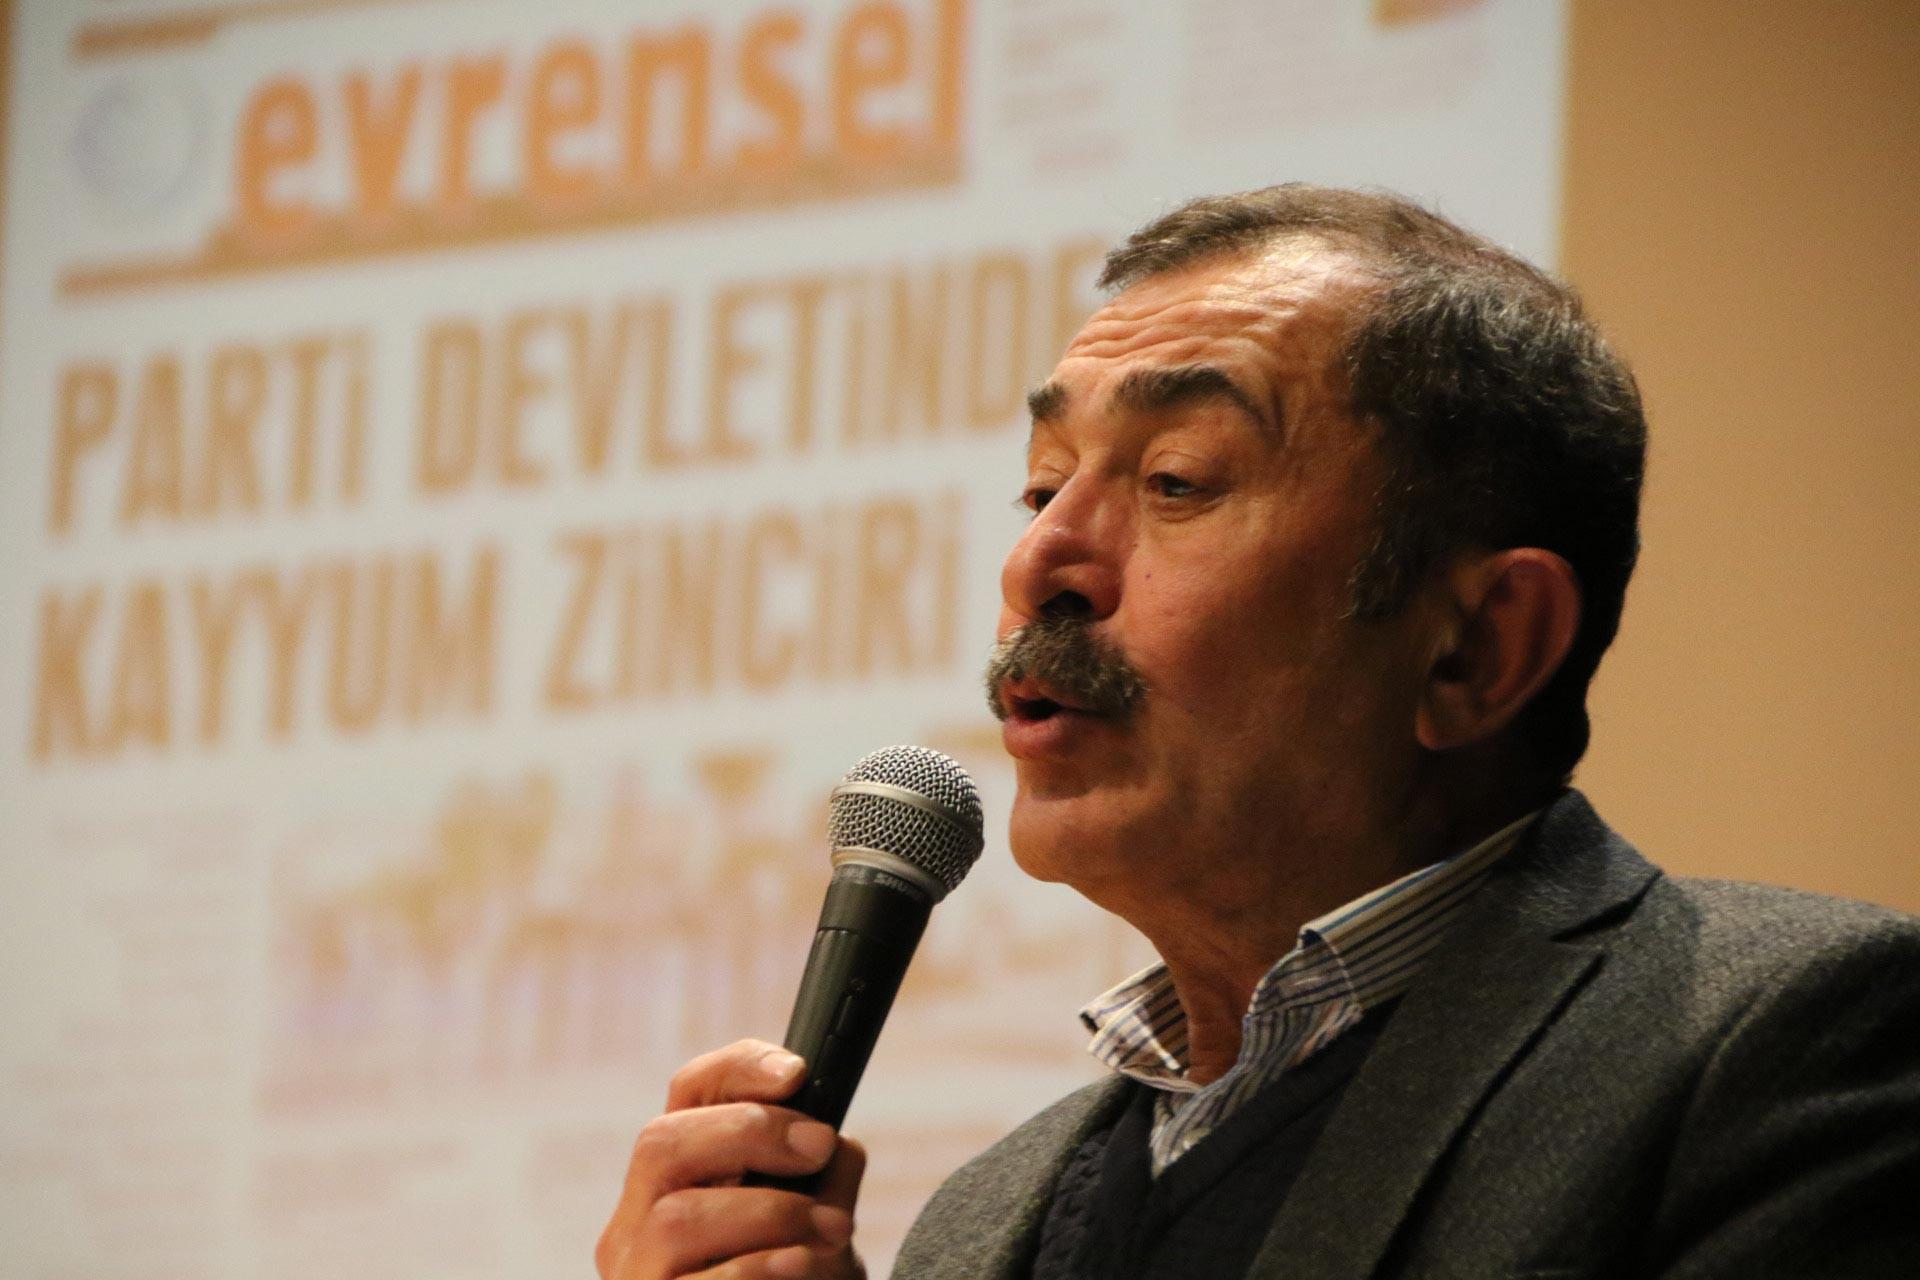 DİSK İç Anadolu Bölge Temsilcisi Tayfun Görgün, Ankara'da düzenlenen Evrensel ile dayanışma etkinliğinde konuşmasını yaparken